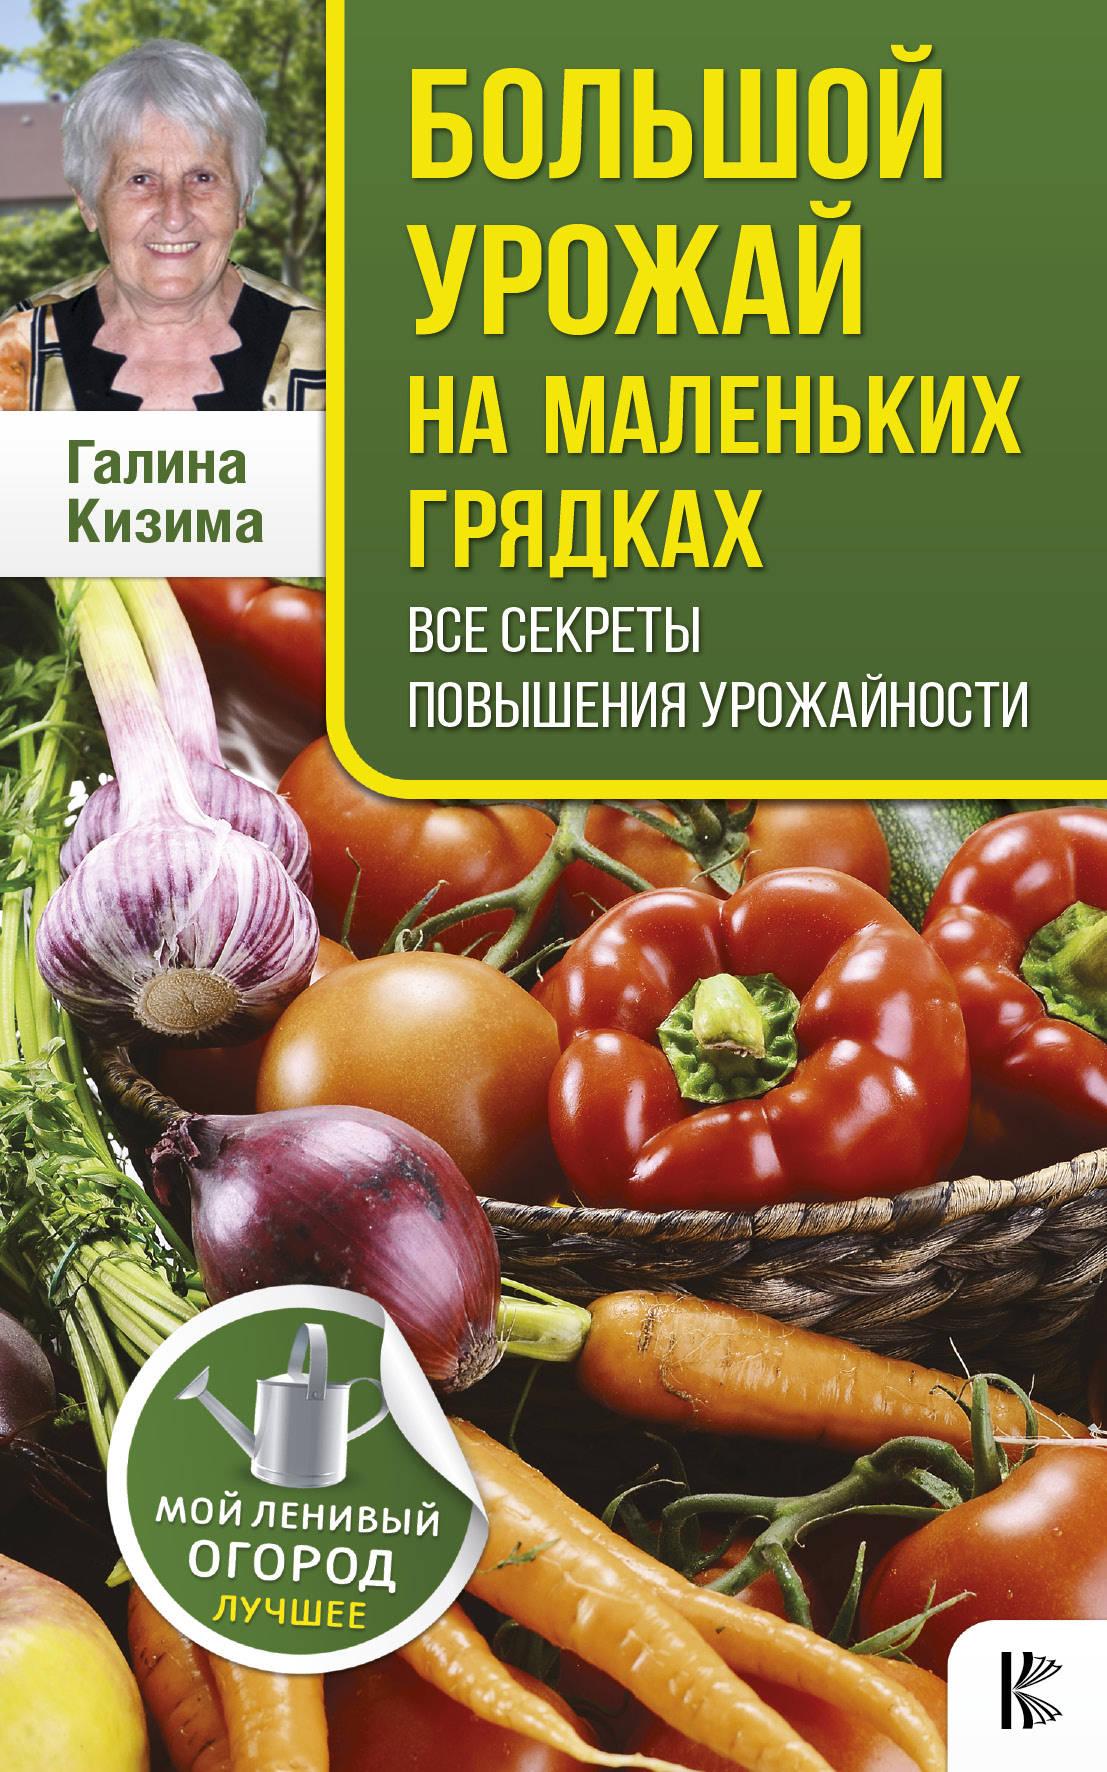 Галина Кизима Большой урожай на маленьких грядках. Все секреты повышения урожайности